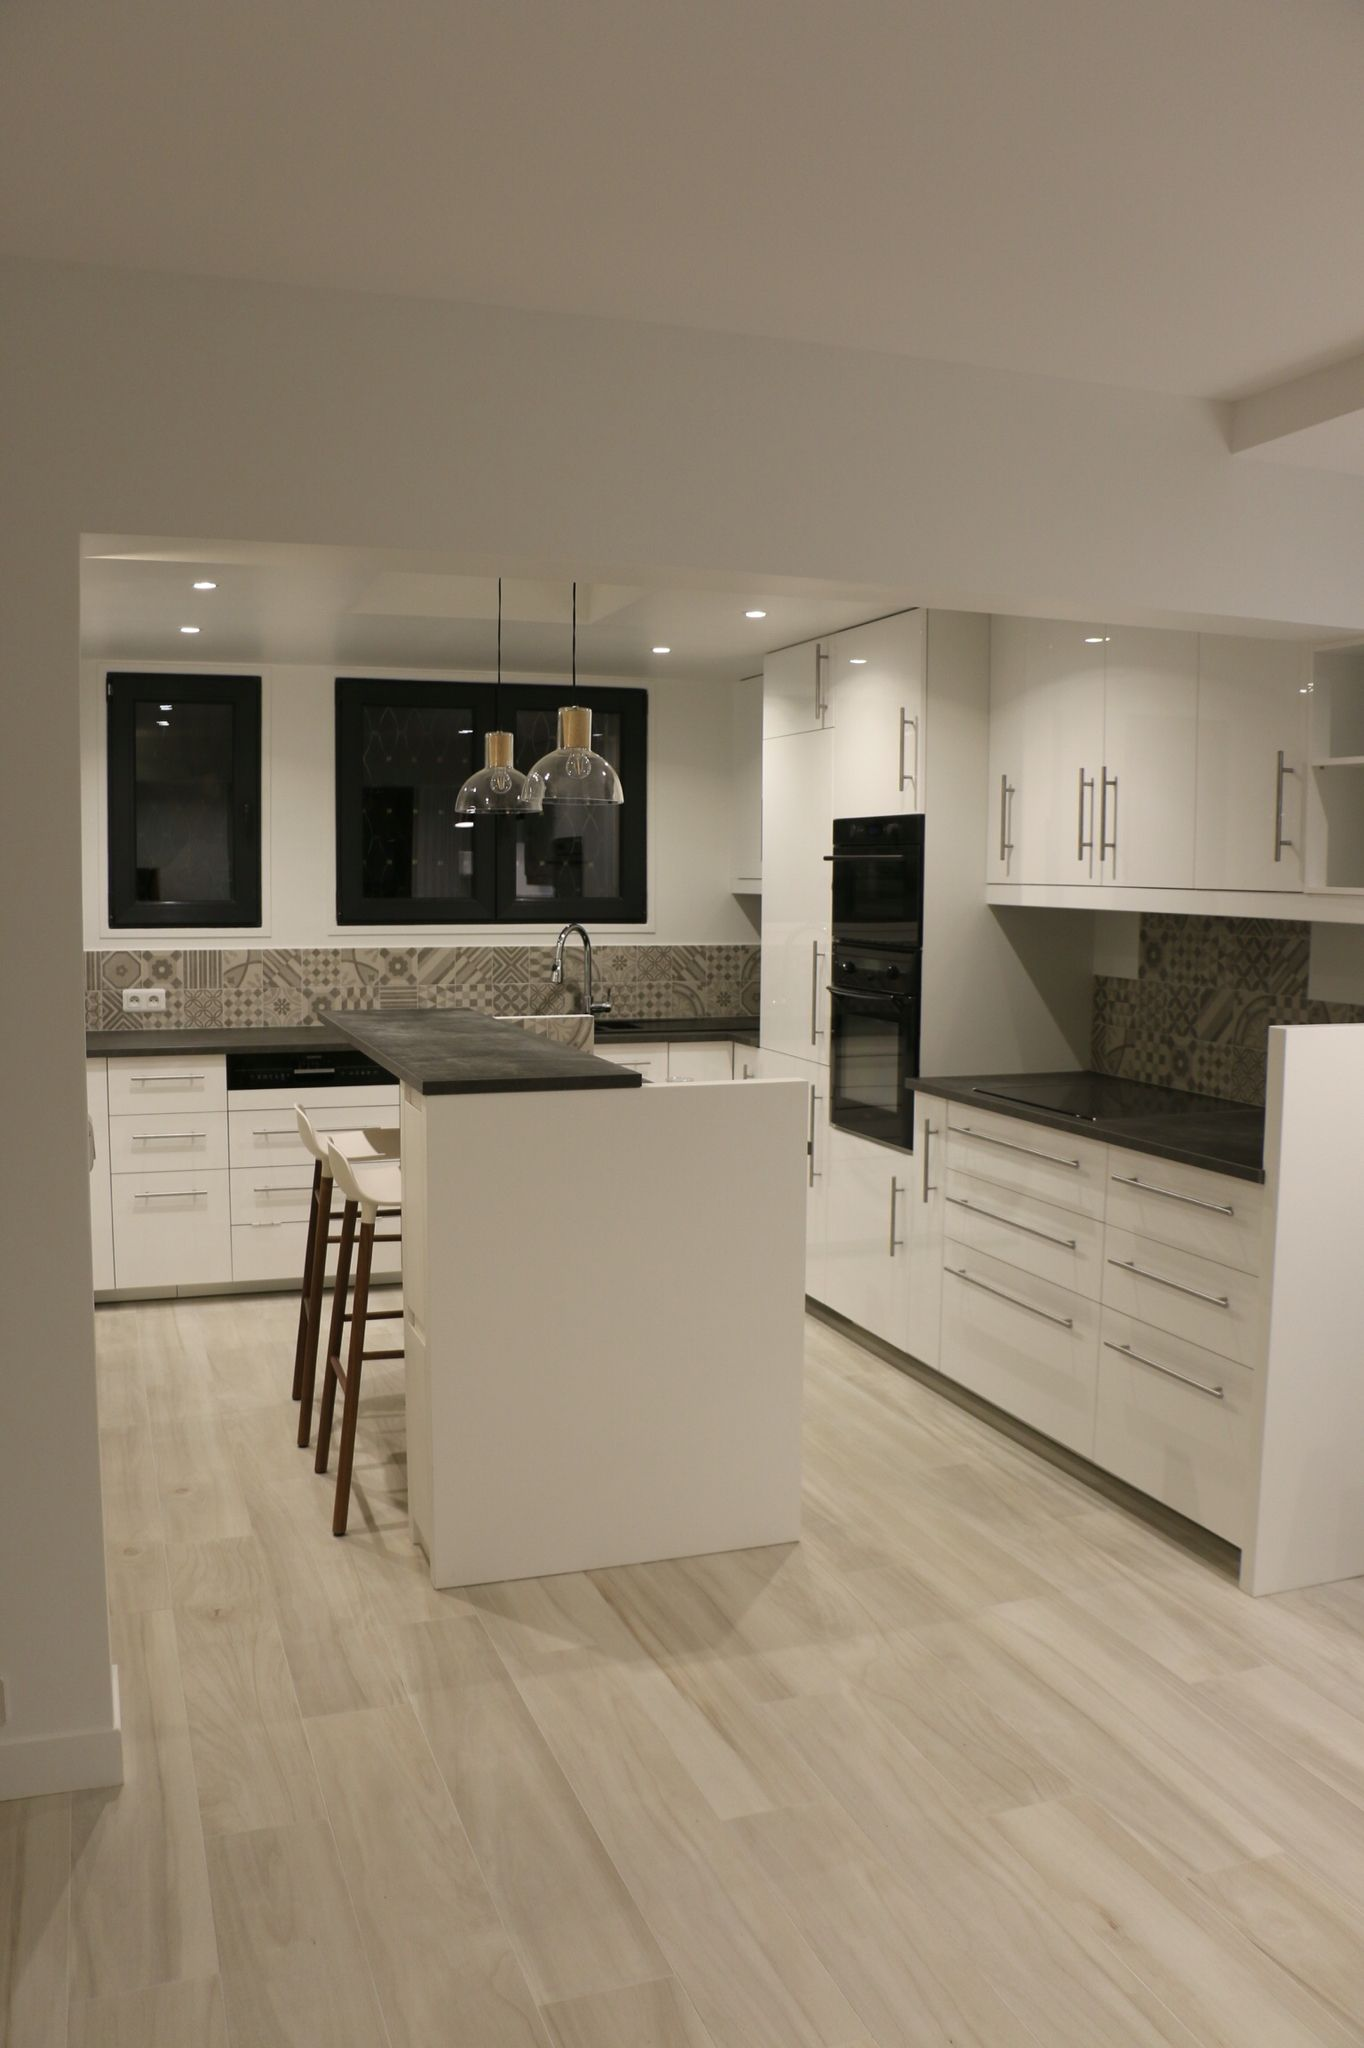 cuisine blanche plan de travail gris effet bton sol carrelage imitation plancher clair